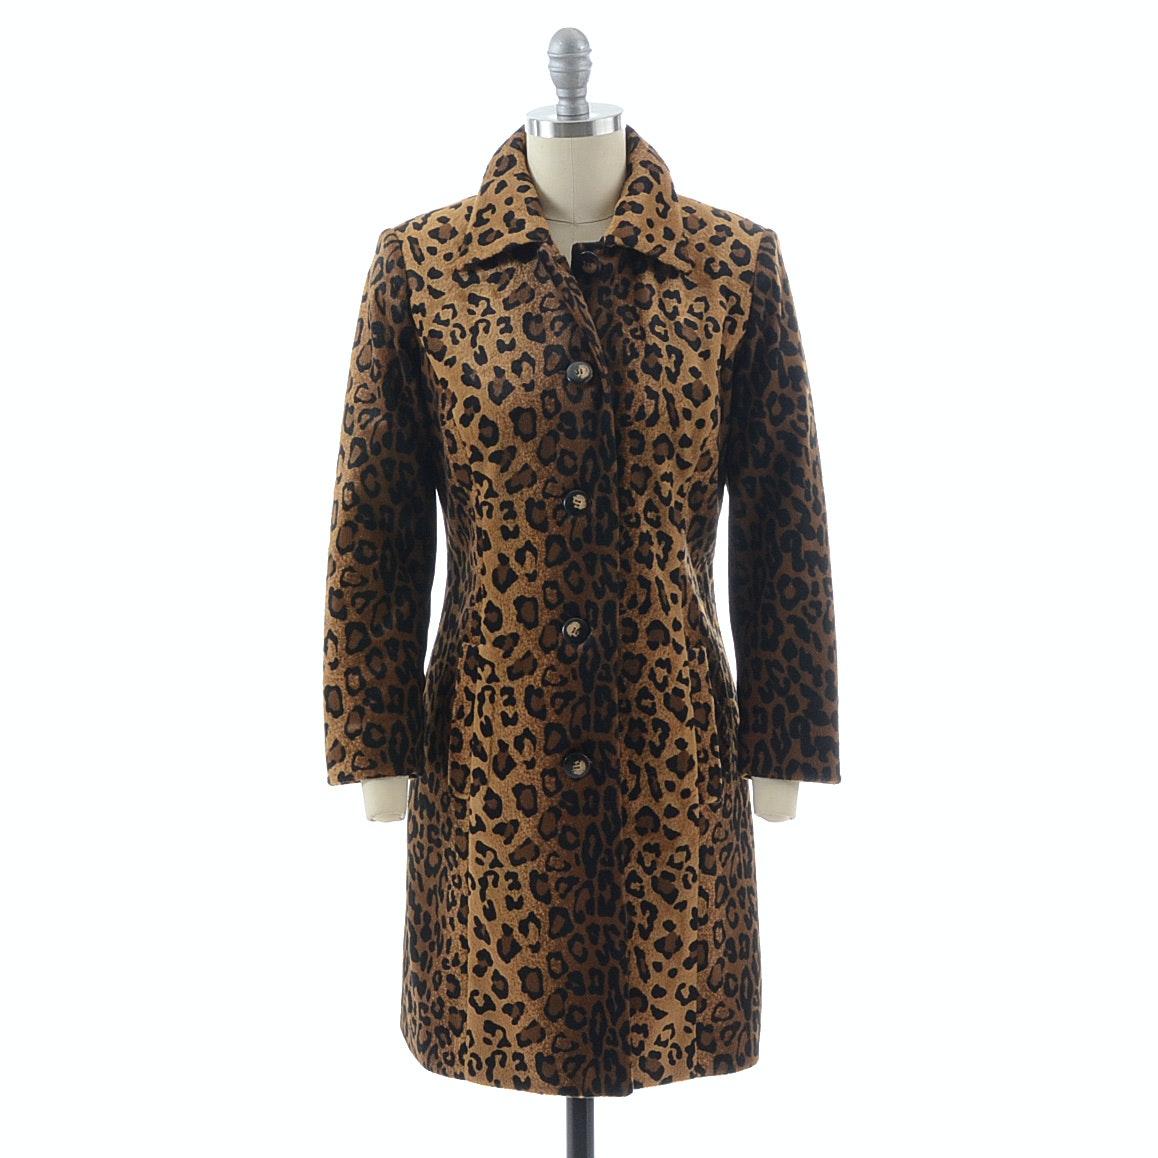 Susan Lucci Brand Leopard Print Faux Fur Coat